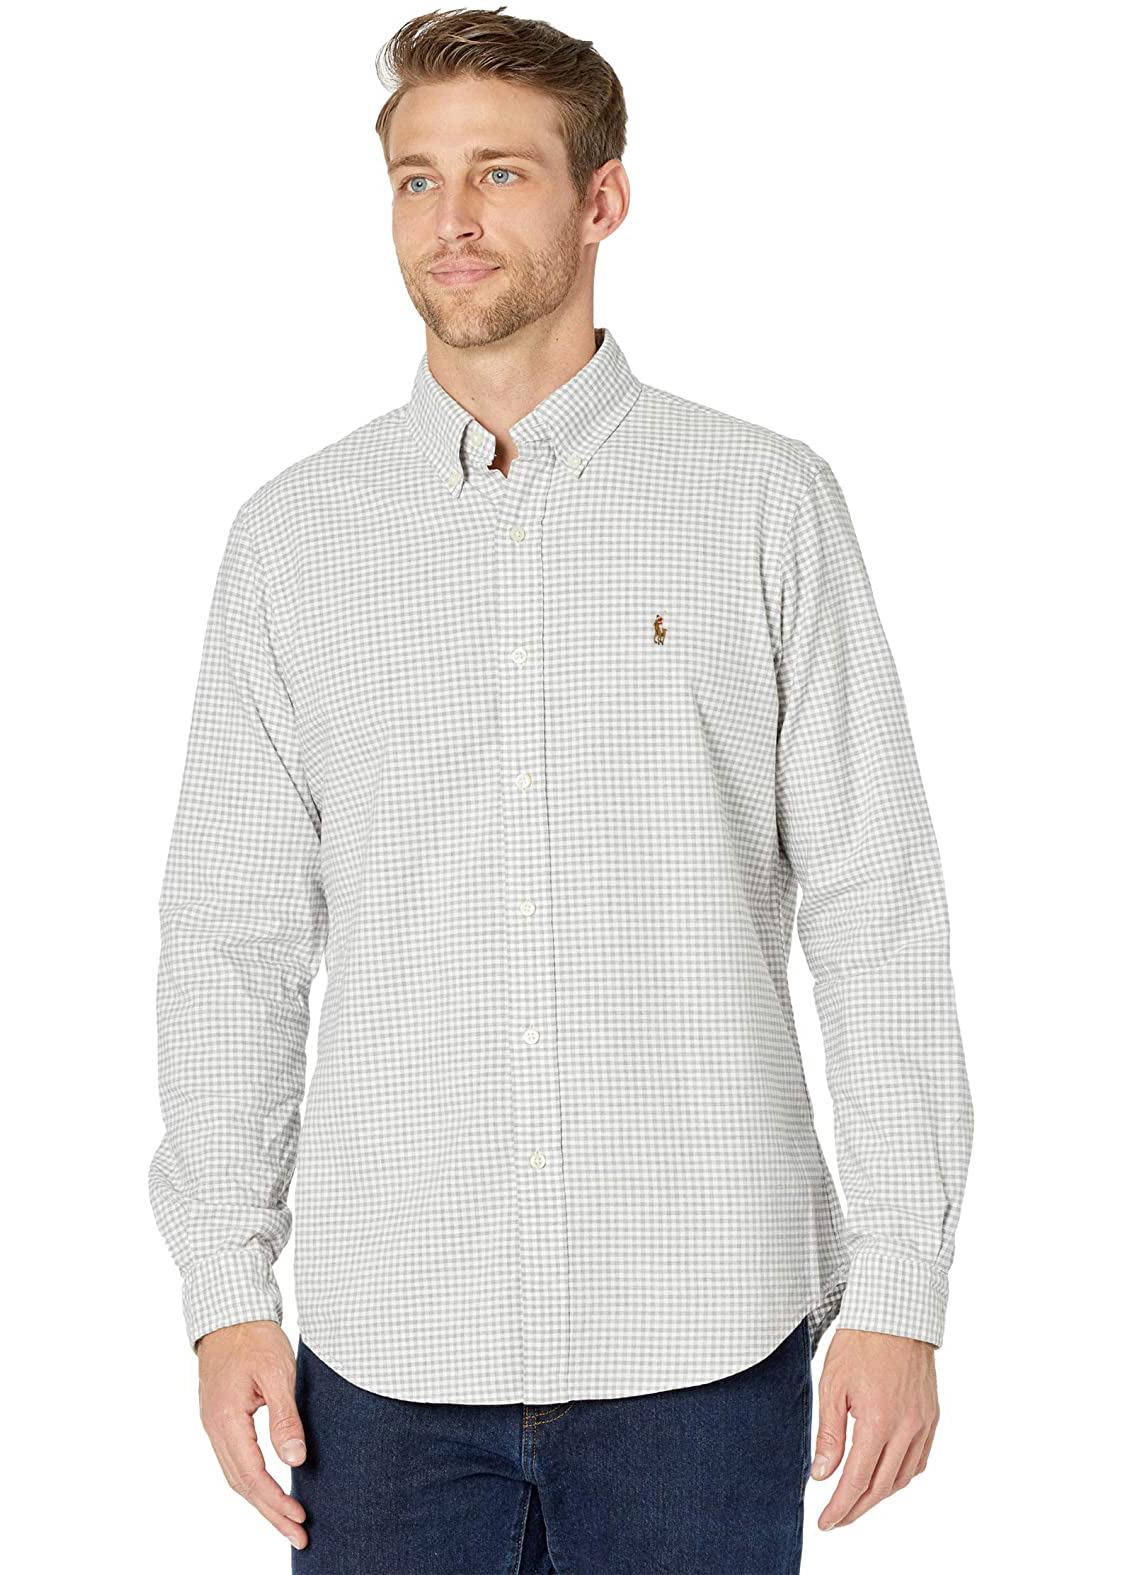 Camisa Ralph Lauren Custom Fit Icon Color Checkered Quadriculada Cinza Claro